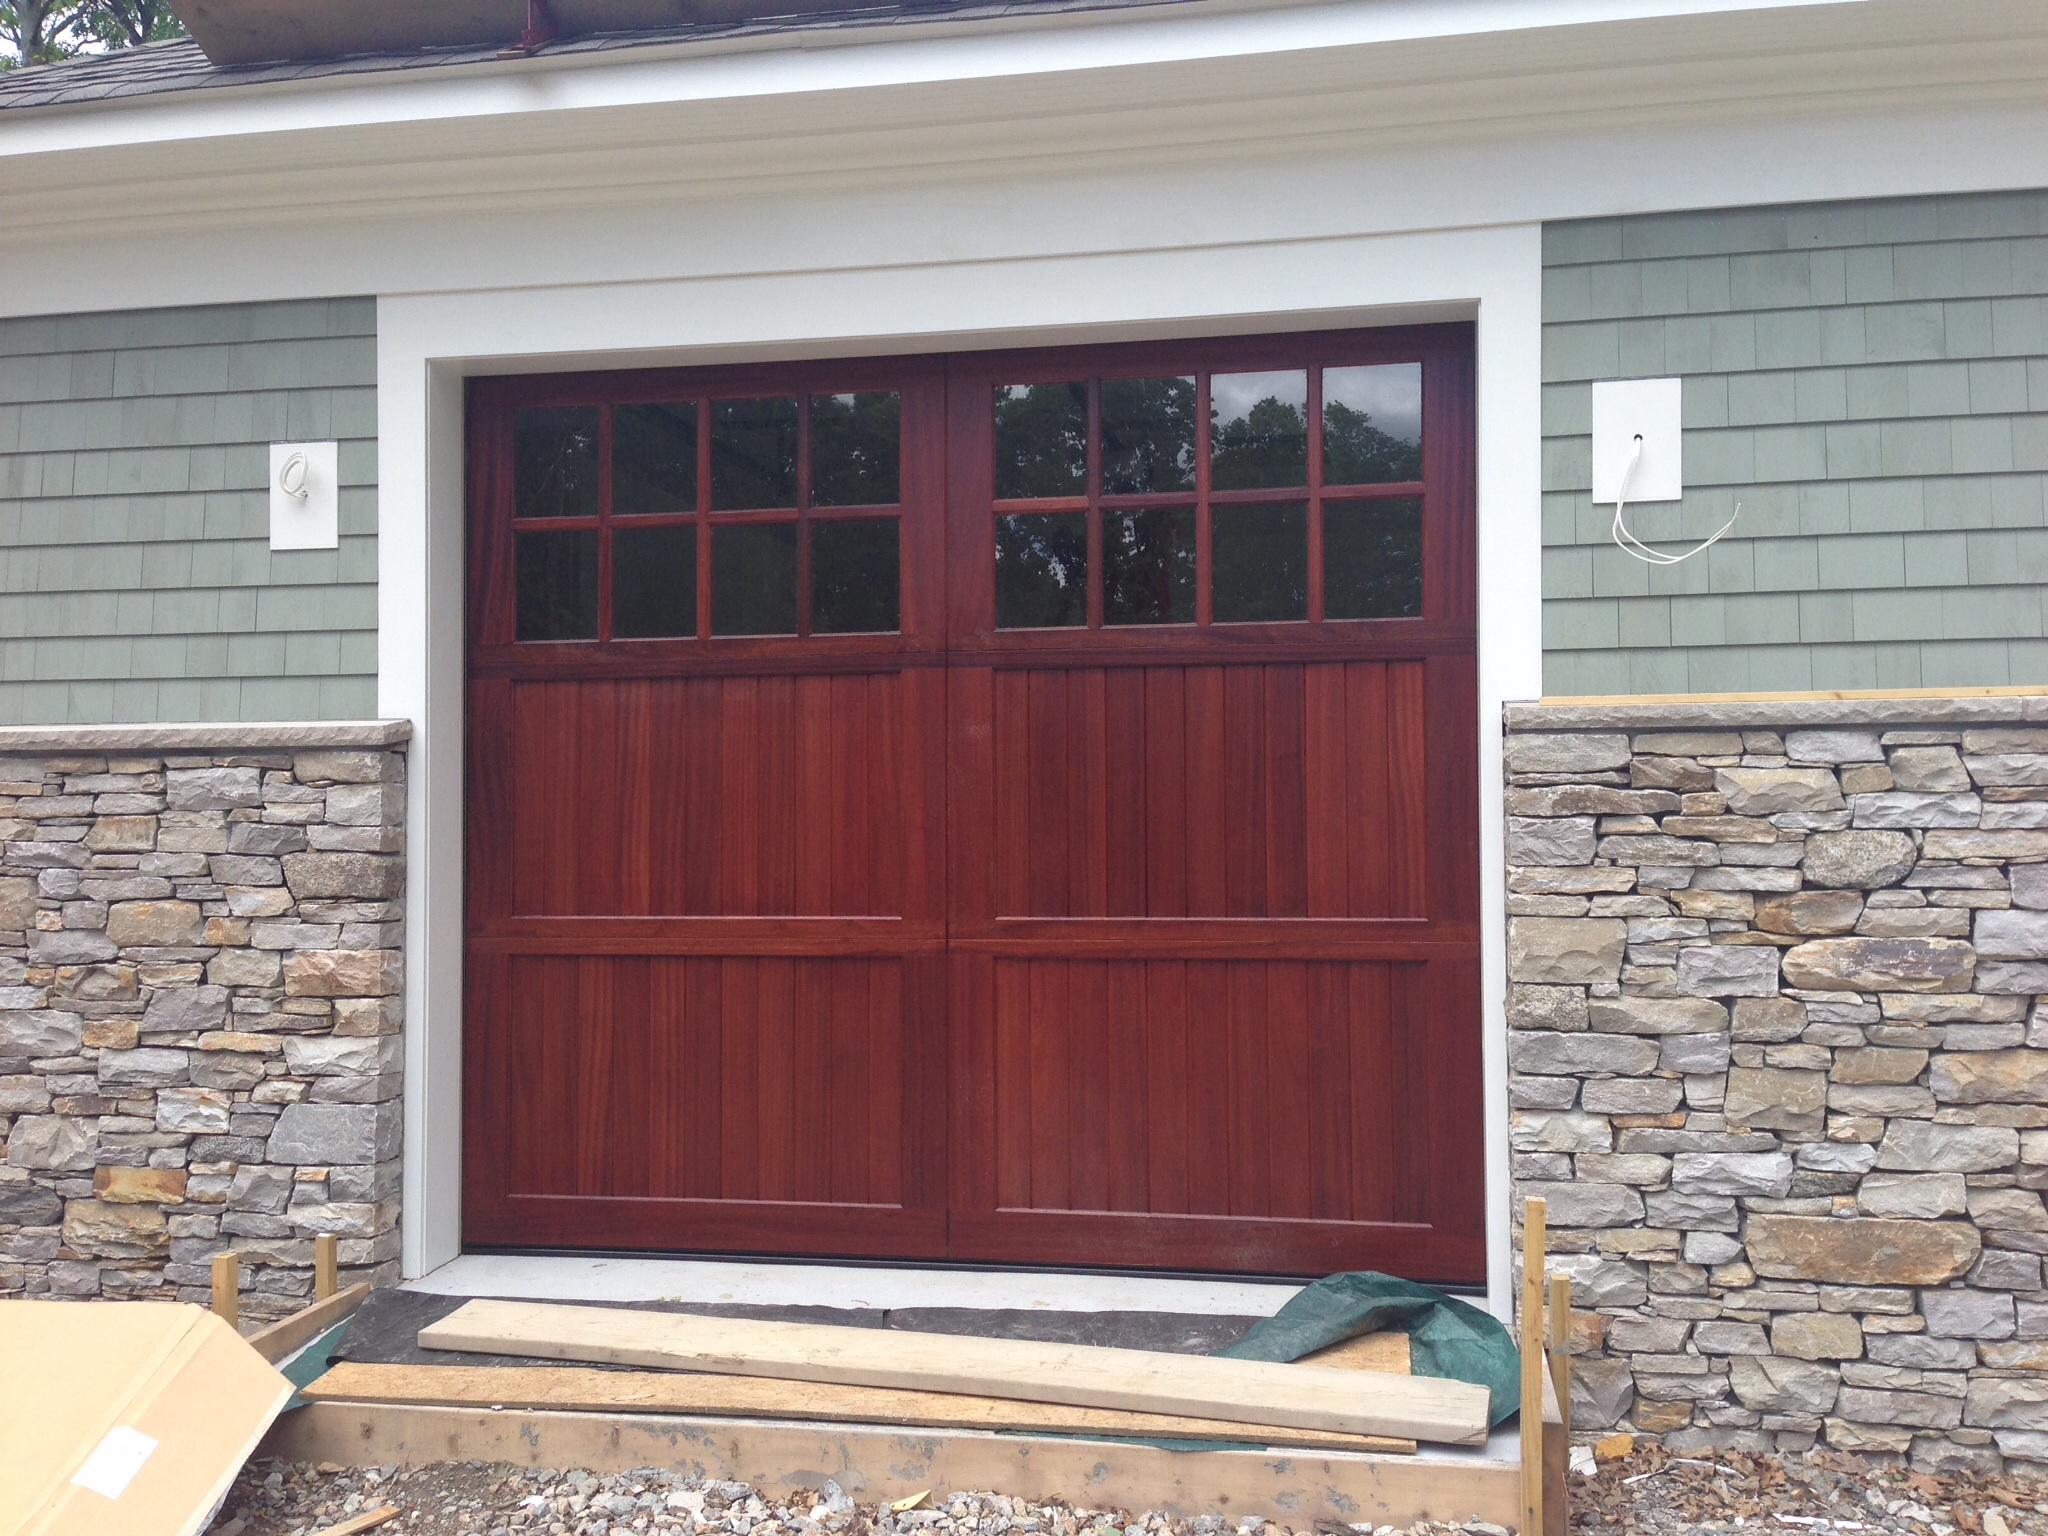 1536 #693135 Garage Doors picture/photo Everything Garage Doors 37292048